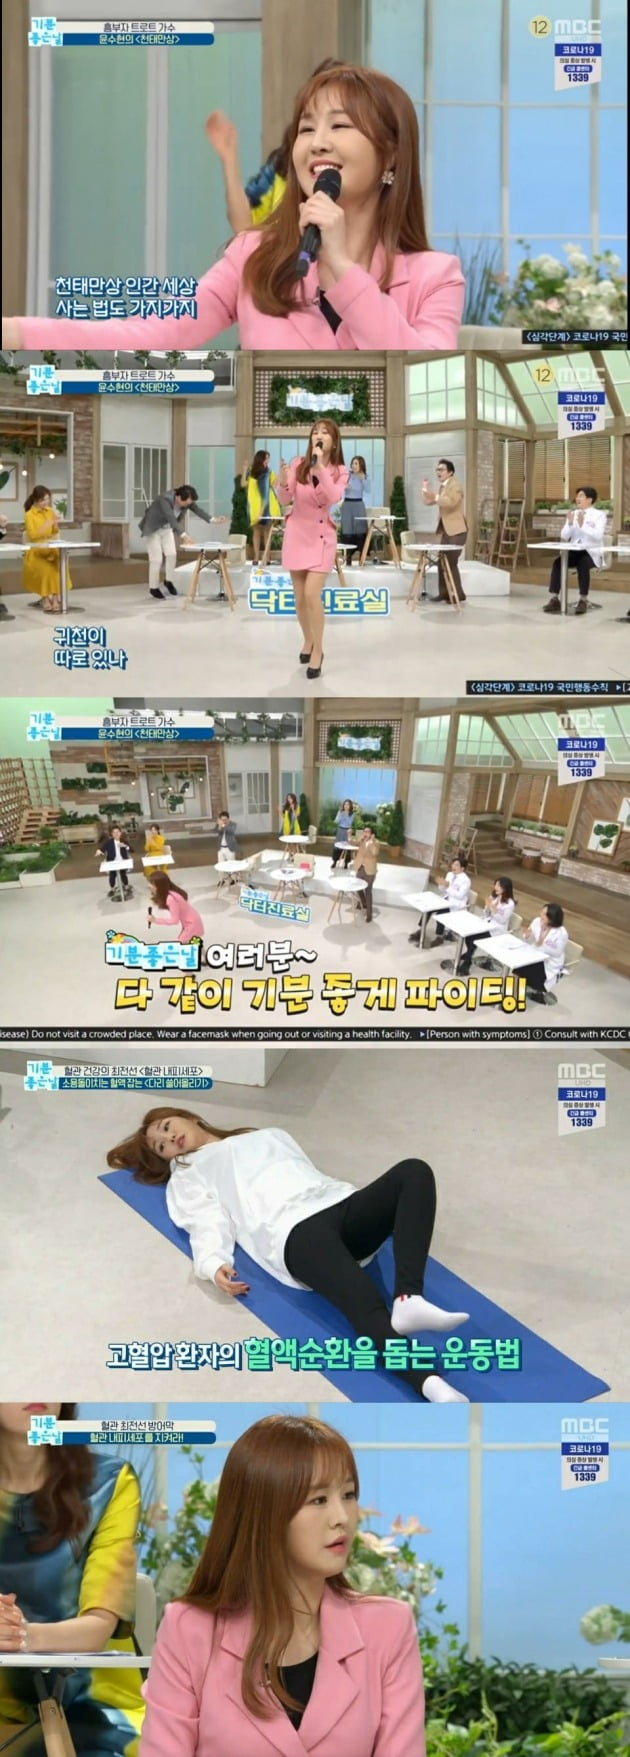 '기분 좋은 날'에 출연한 트로트 가수 윤수현. / 사진=MBC 방송 캡처